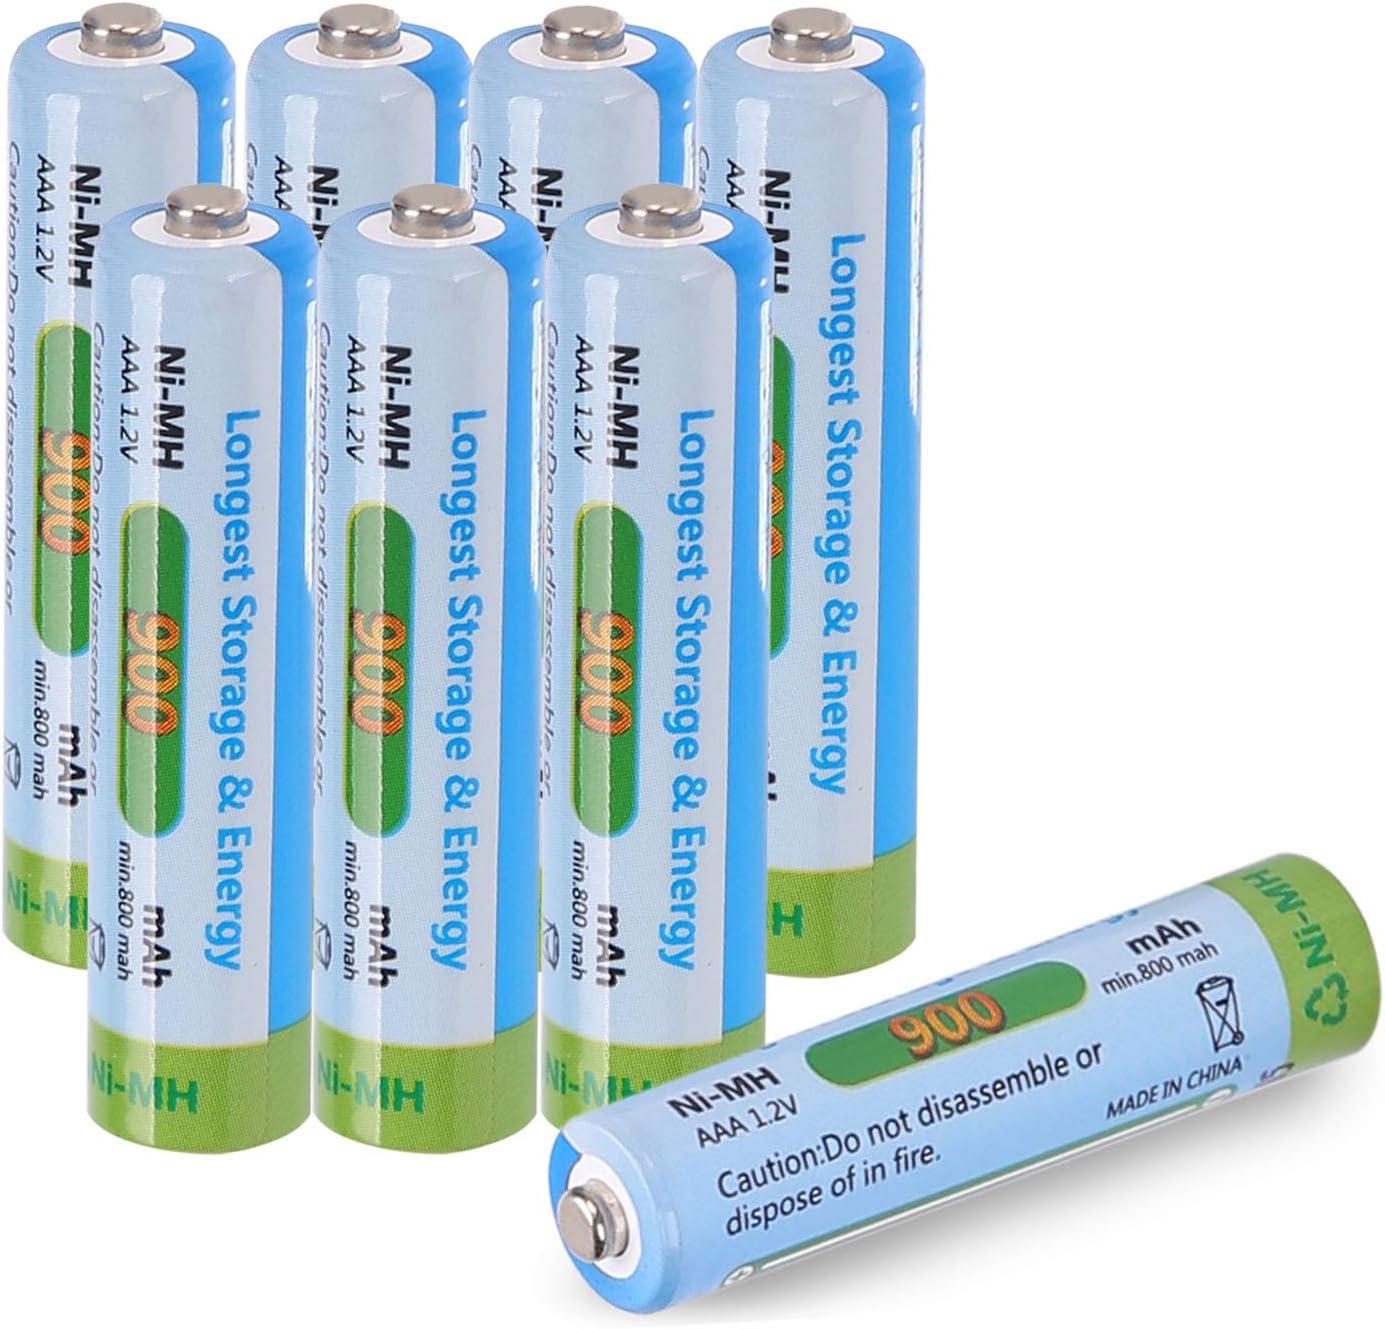 Tera Batería Rrecargable AAA Ni-MH 900mAh 1.2V Batería para Teléfonos Inalámbrico Siemens para 1200 Veces Uso Paquete de 8